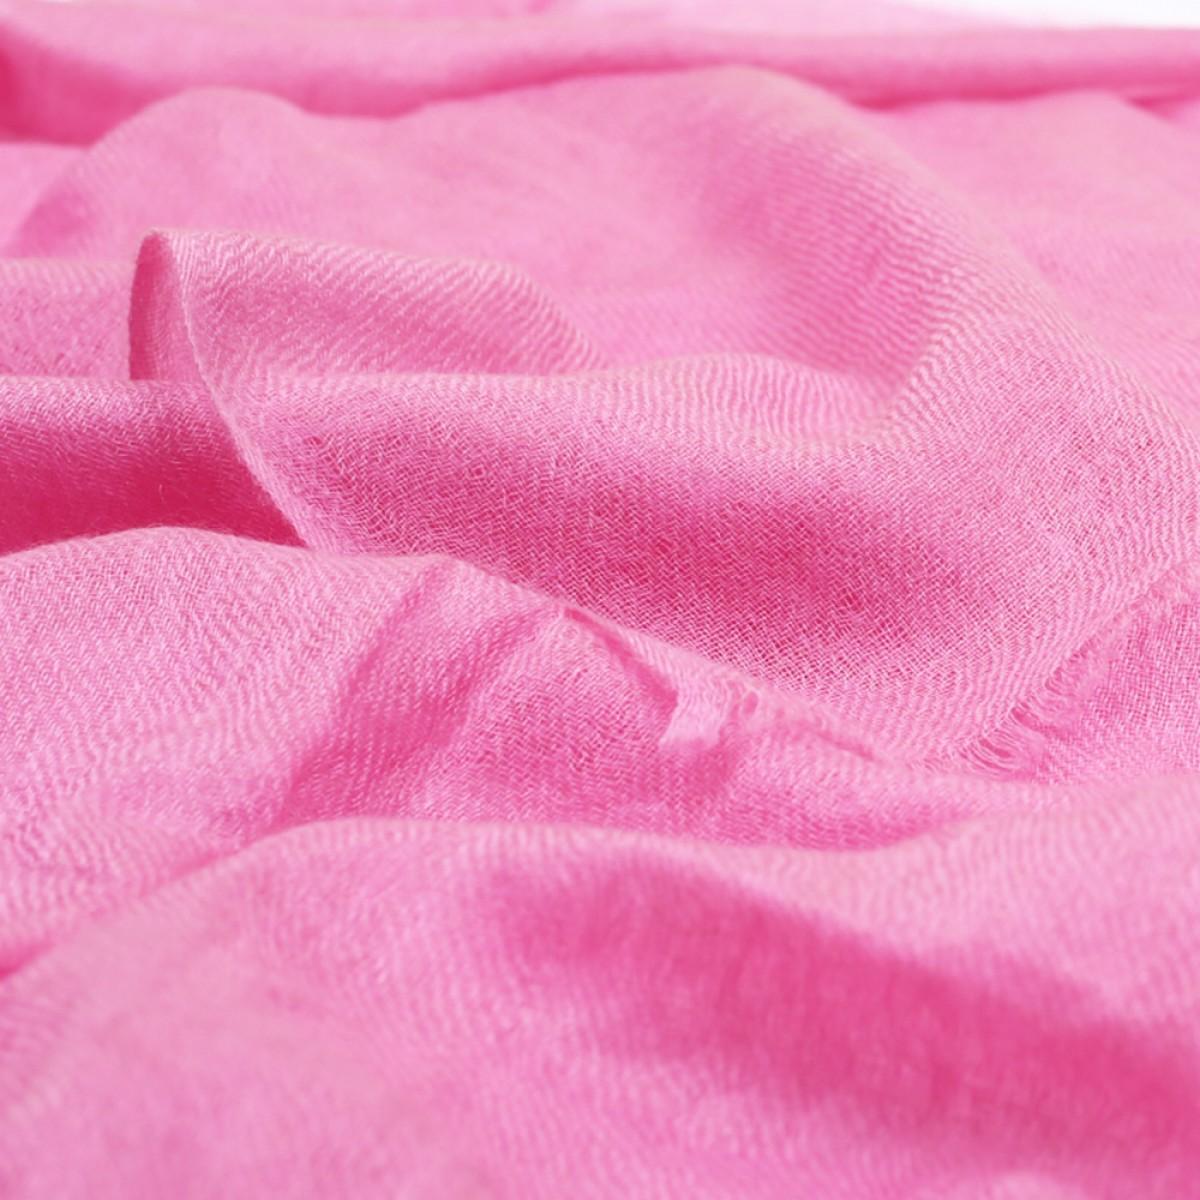 Sheer Pashmina Scarf - Taffy Pink